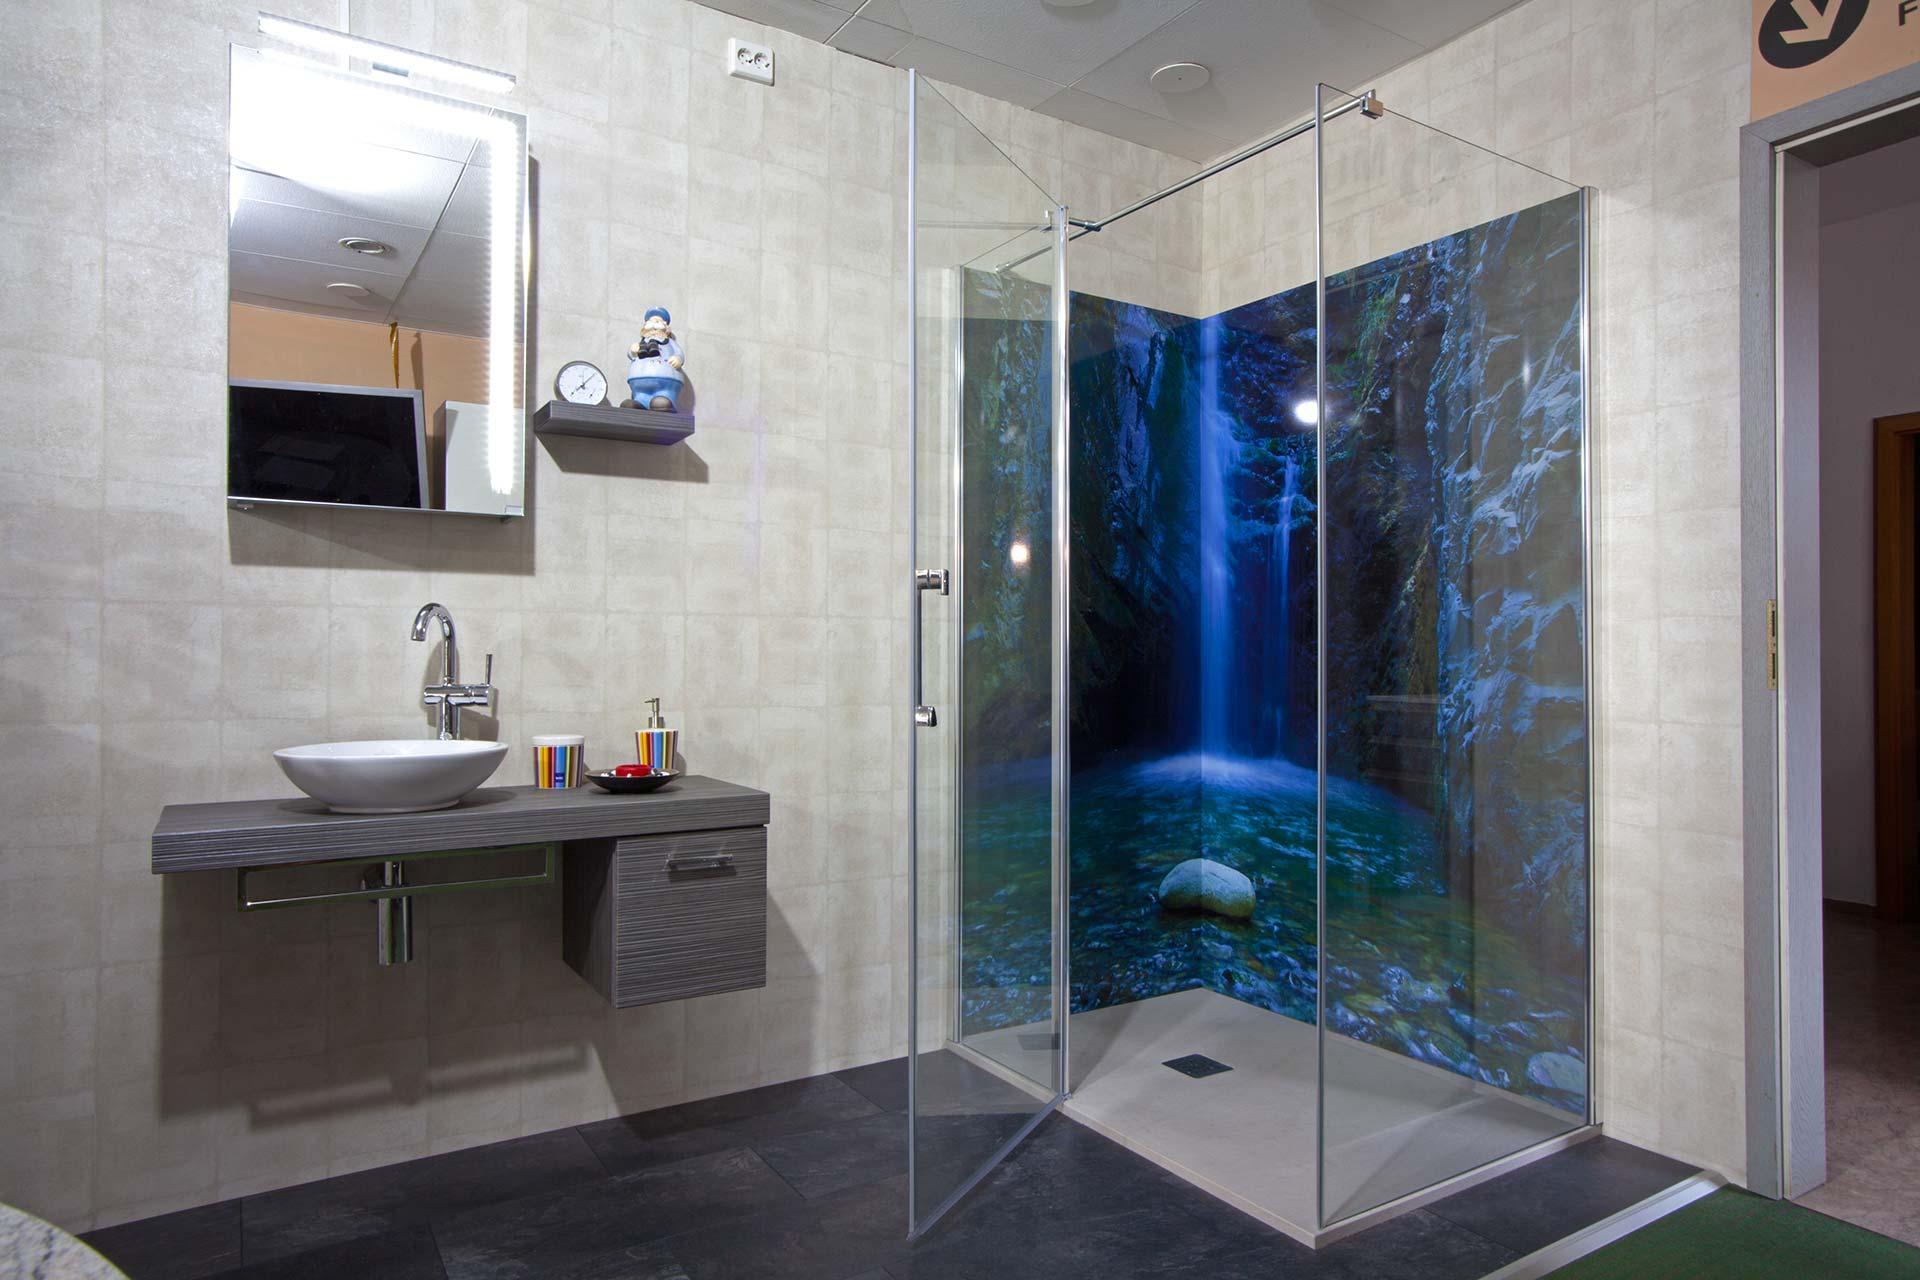 Ausstellung - Bad mit Wasserfalloptik